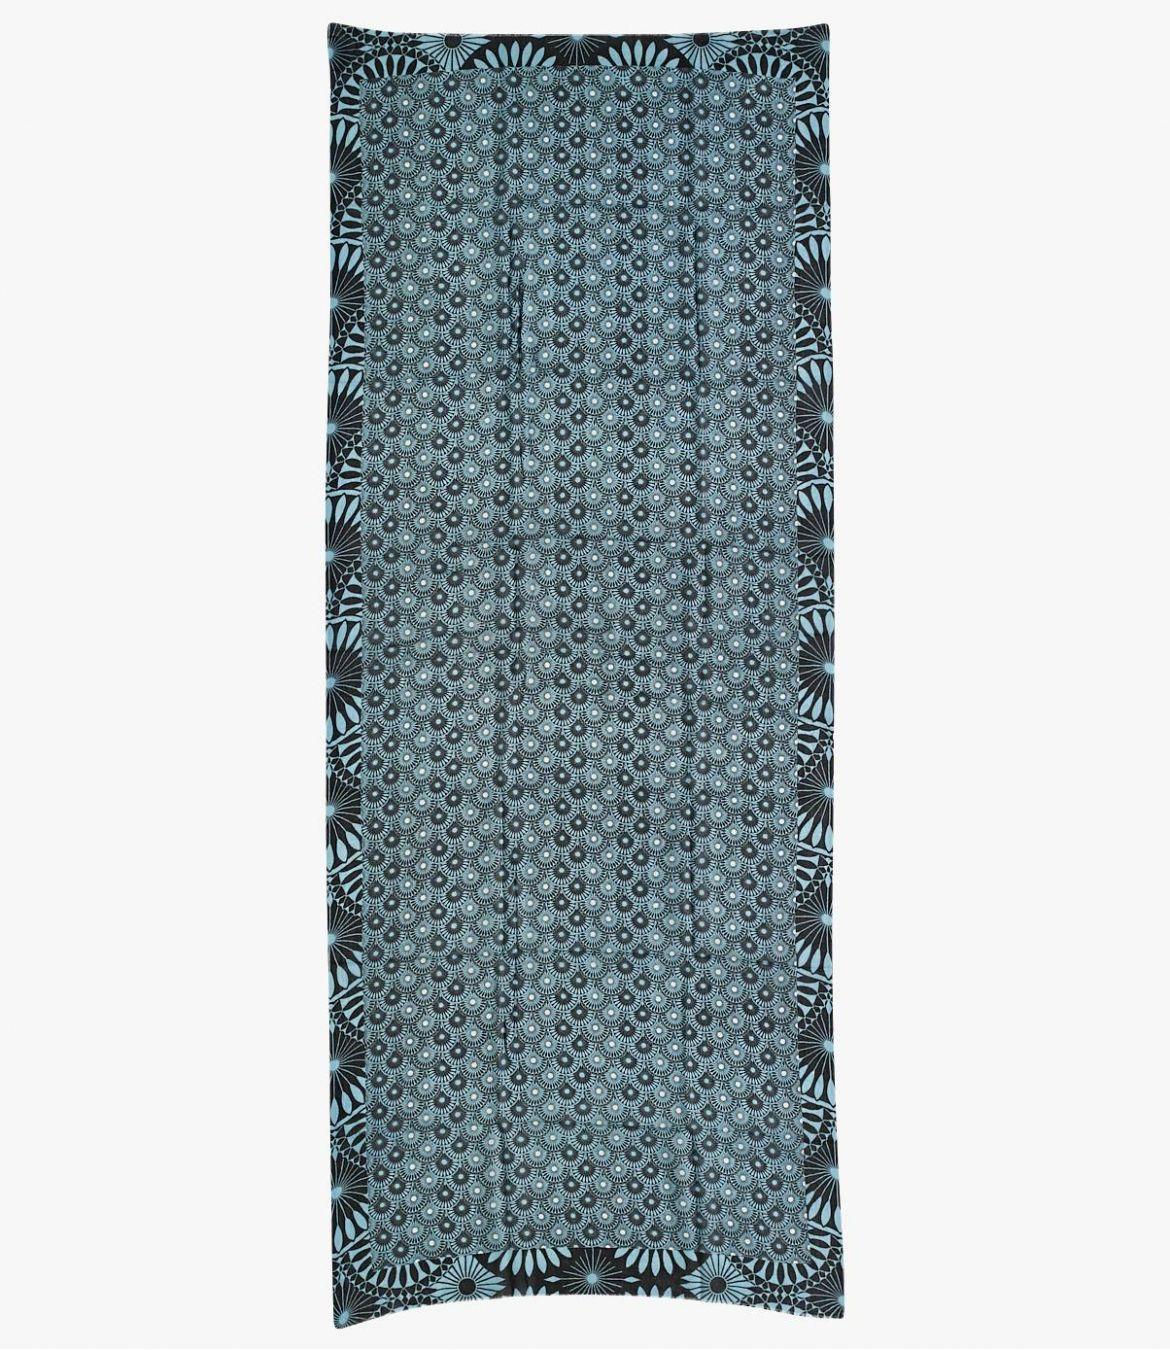 SMOKY Echarpe en Laine pour Homme 82x200 cm Storiatipic - 2